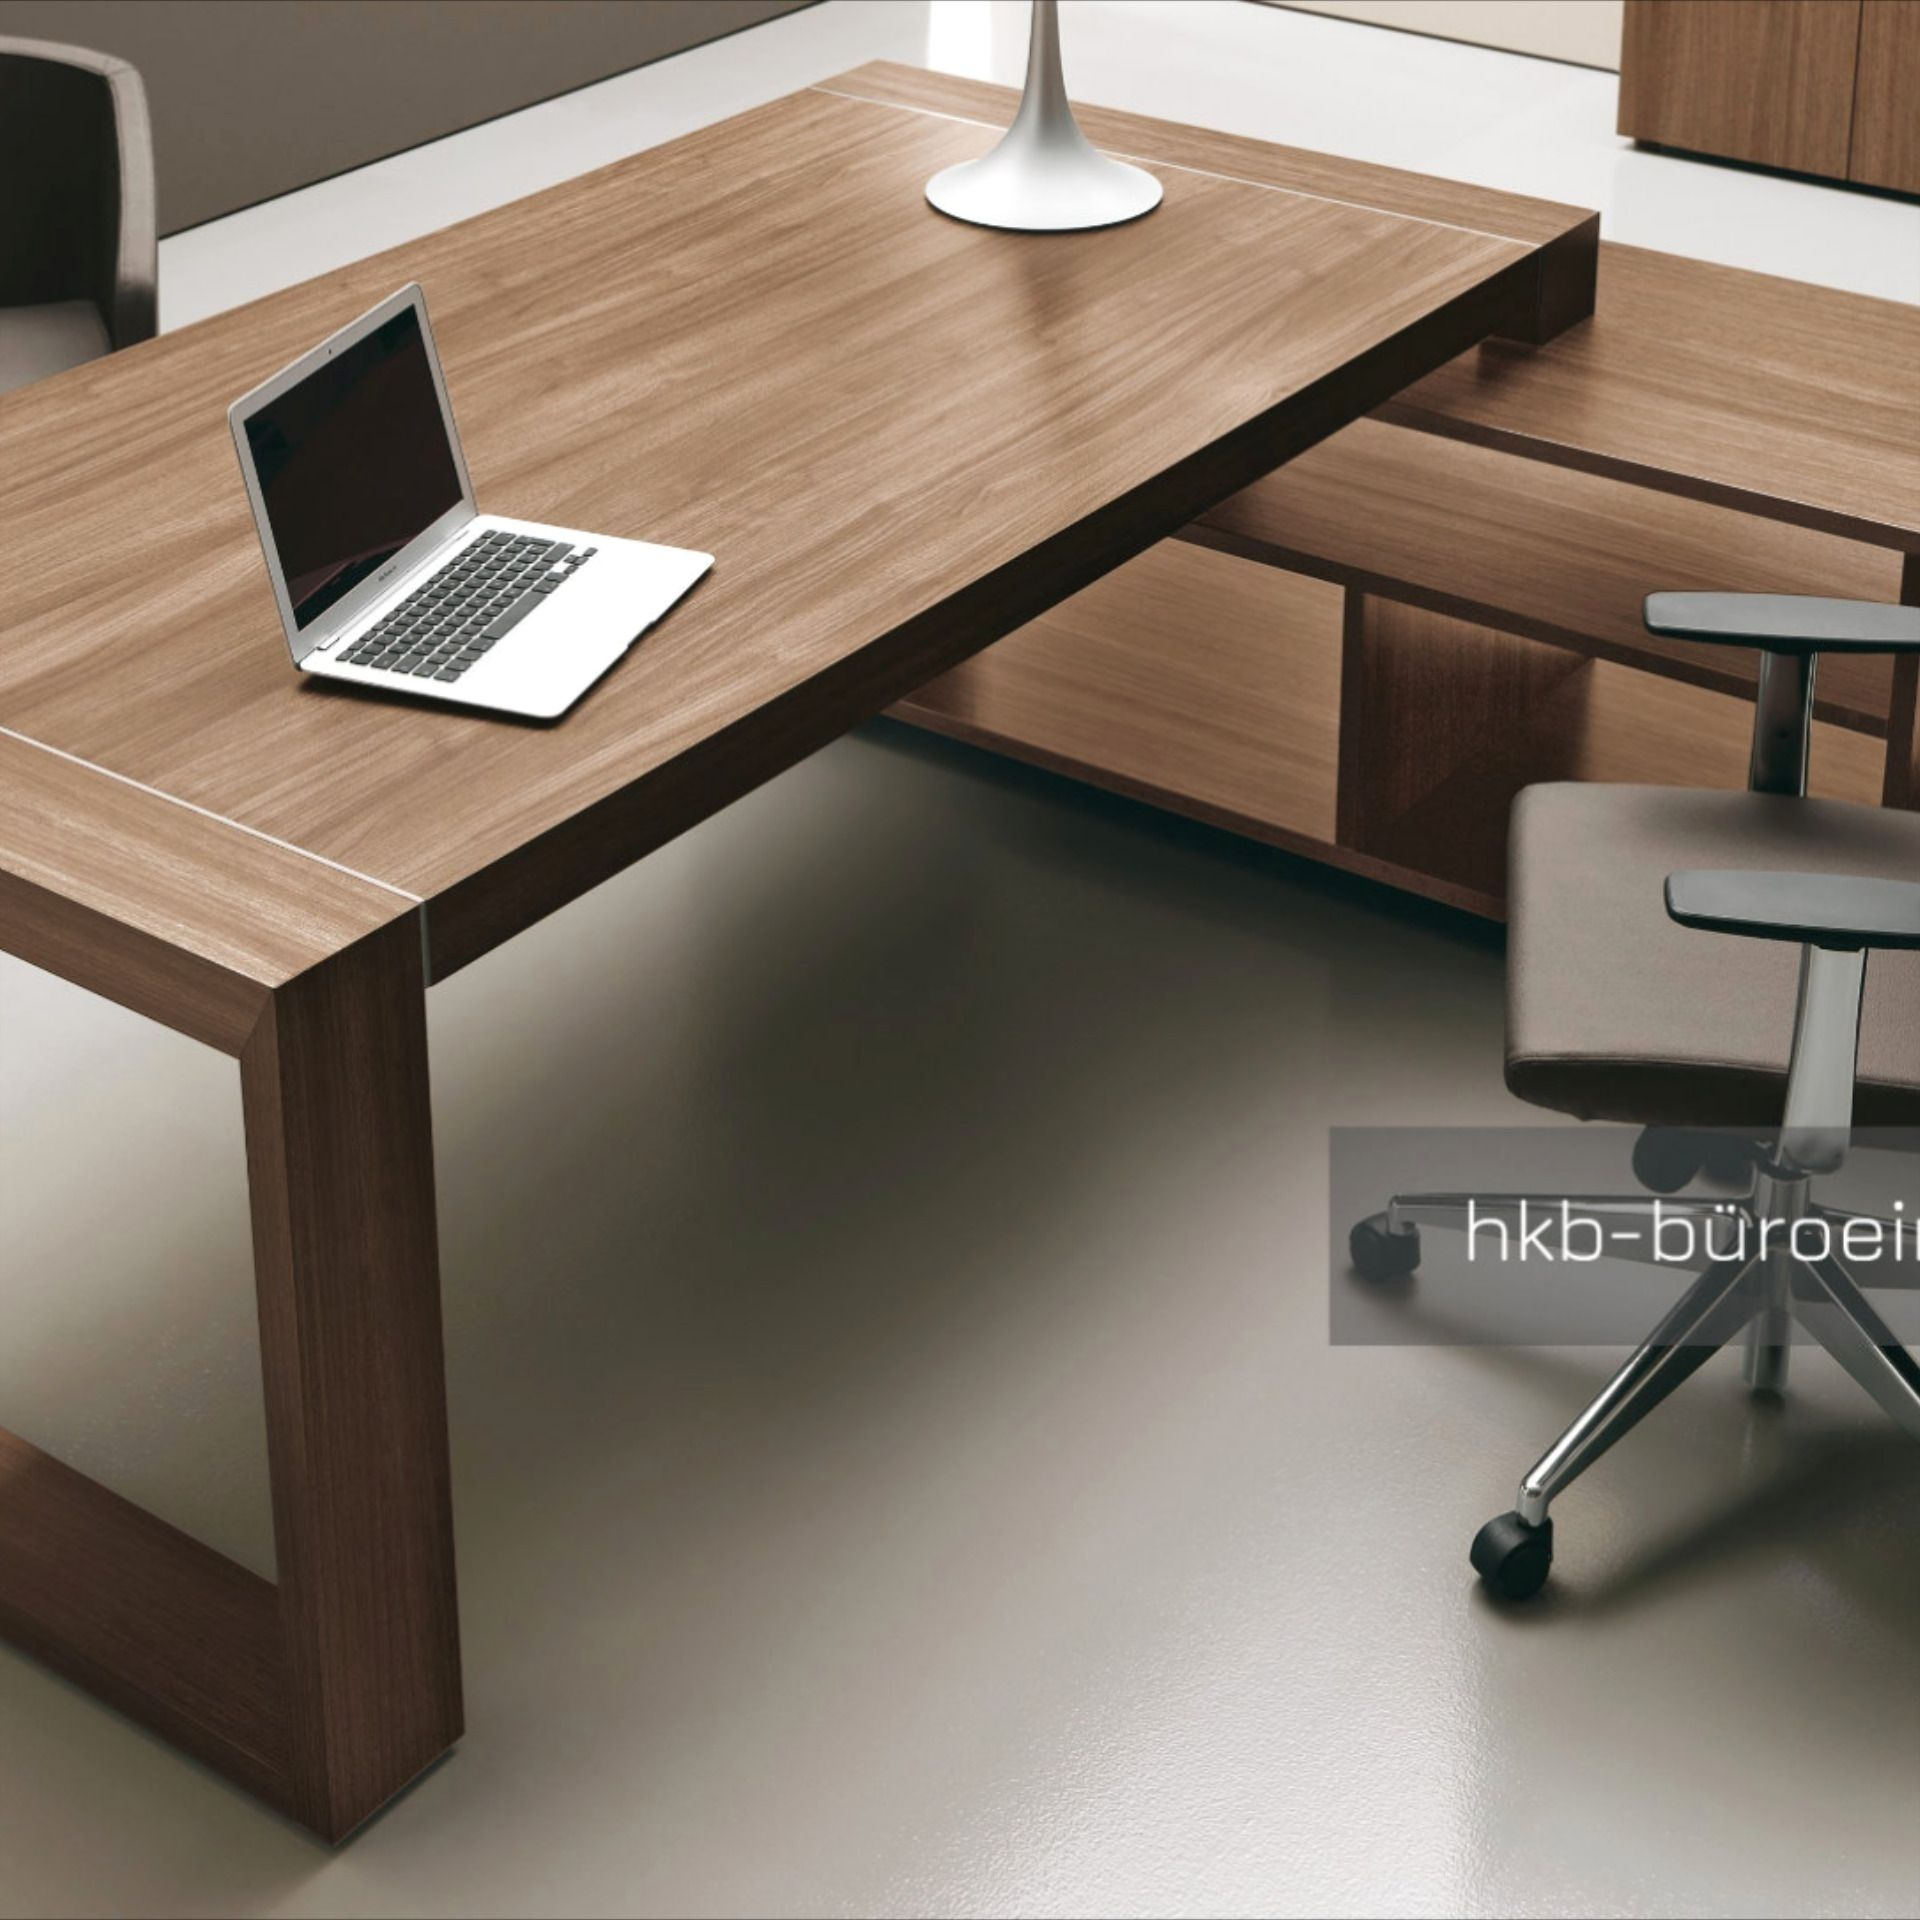 Büroschränke, Büroeinrichtungen, Einrichtung